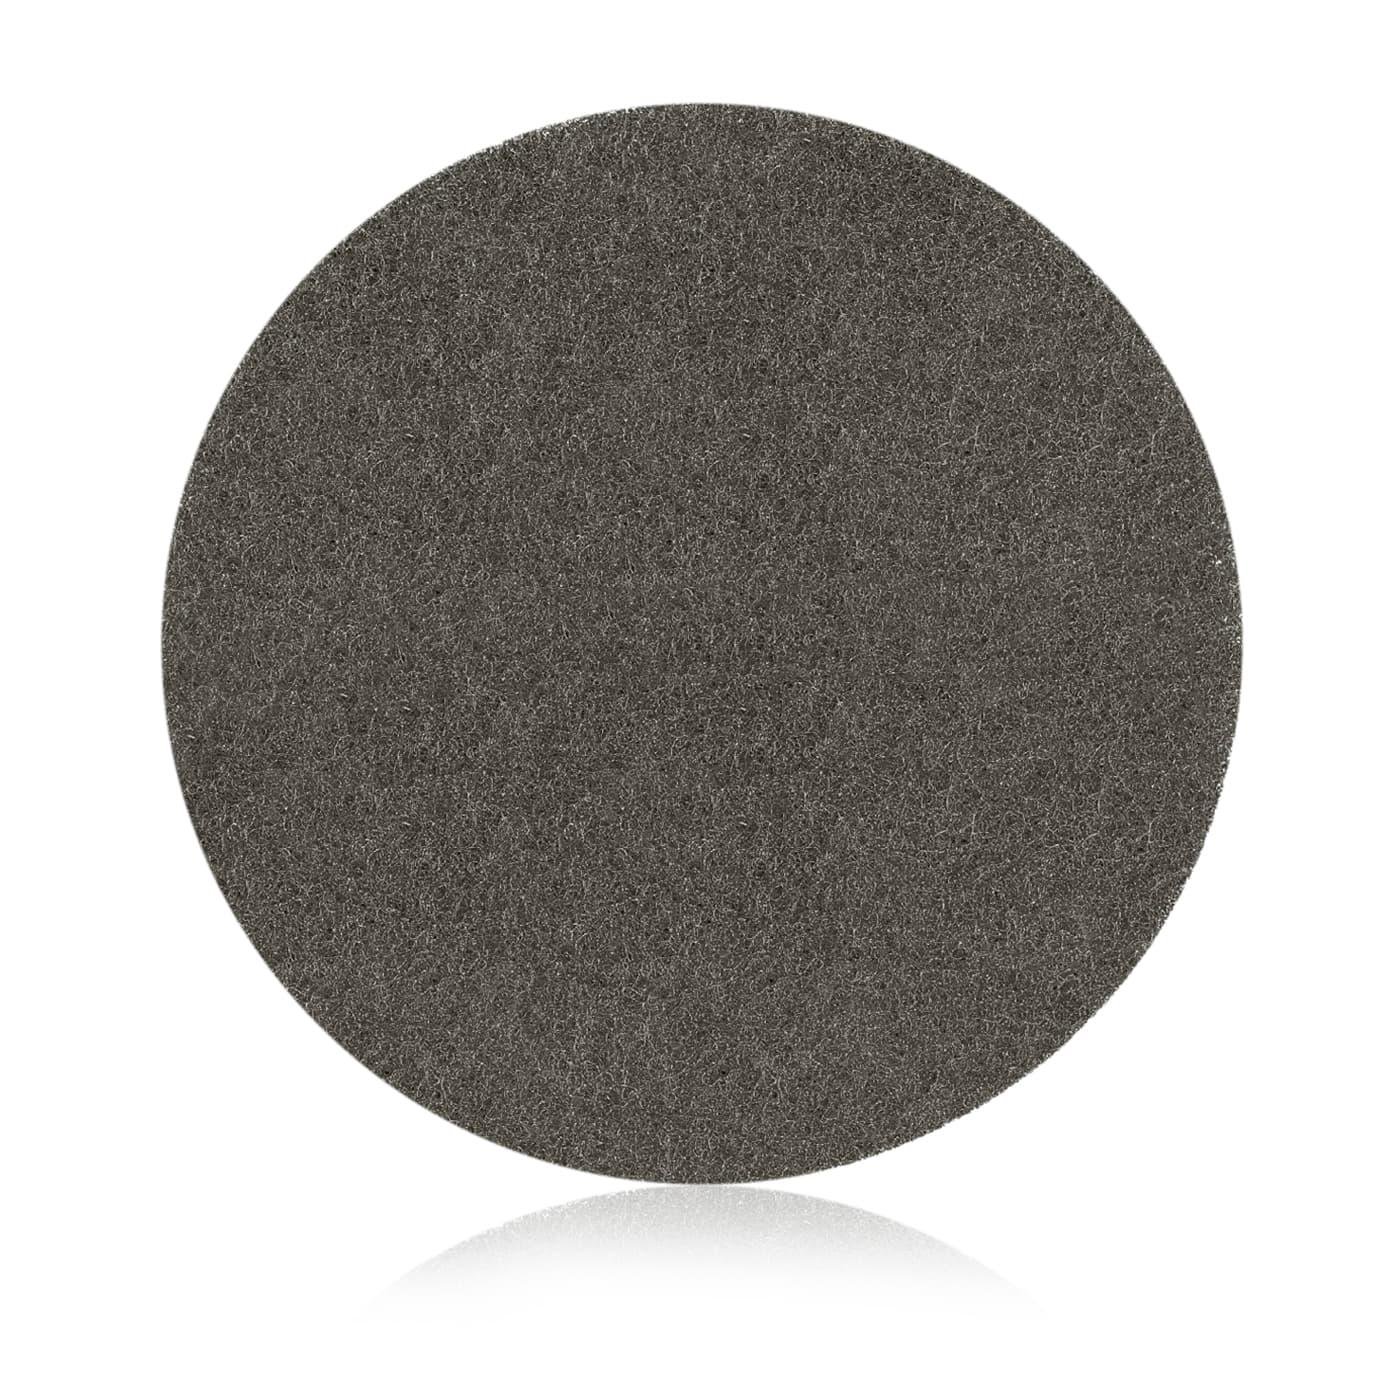 925 non-woven abrasive discs